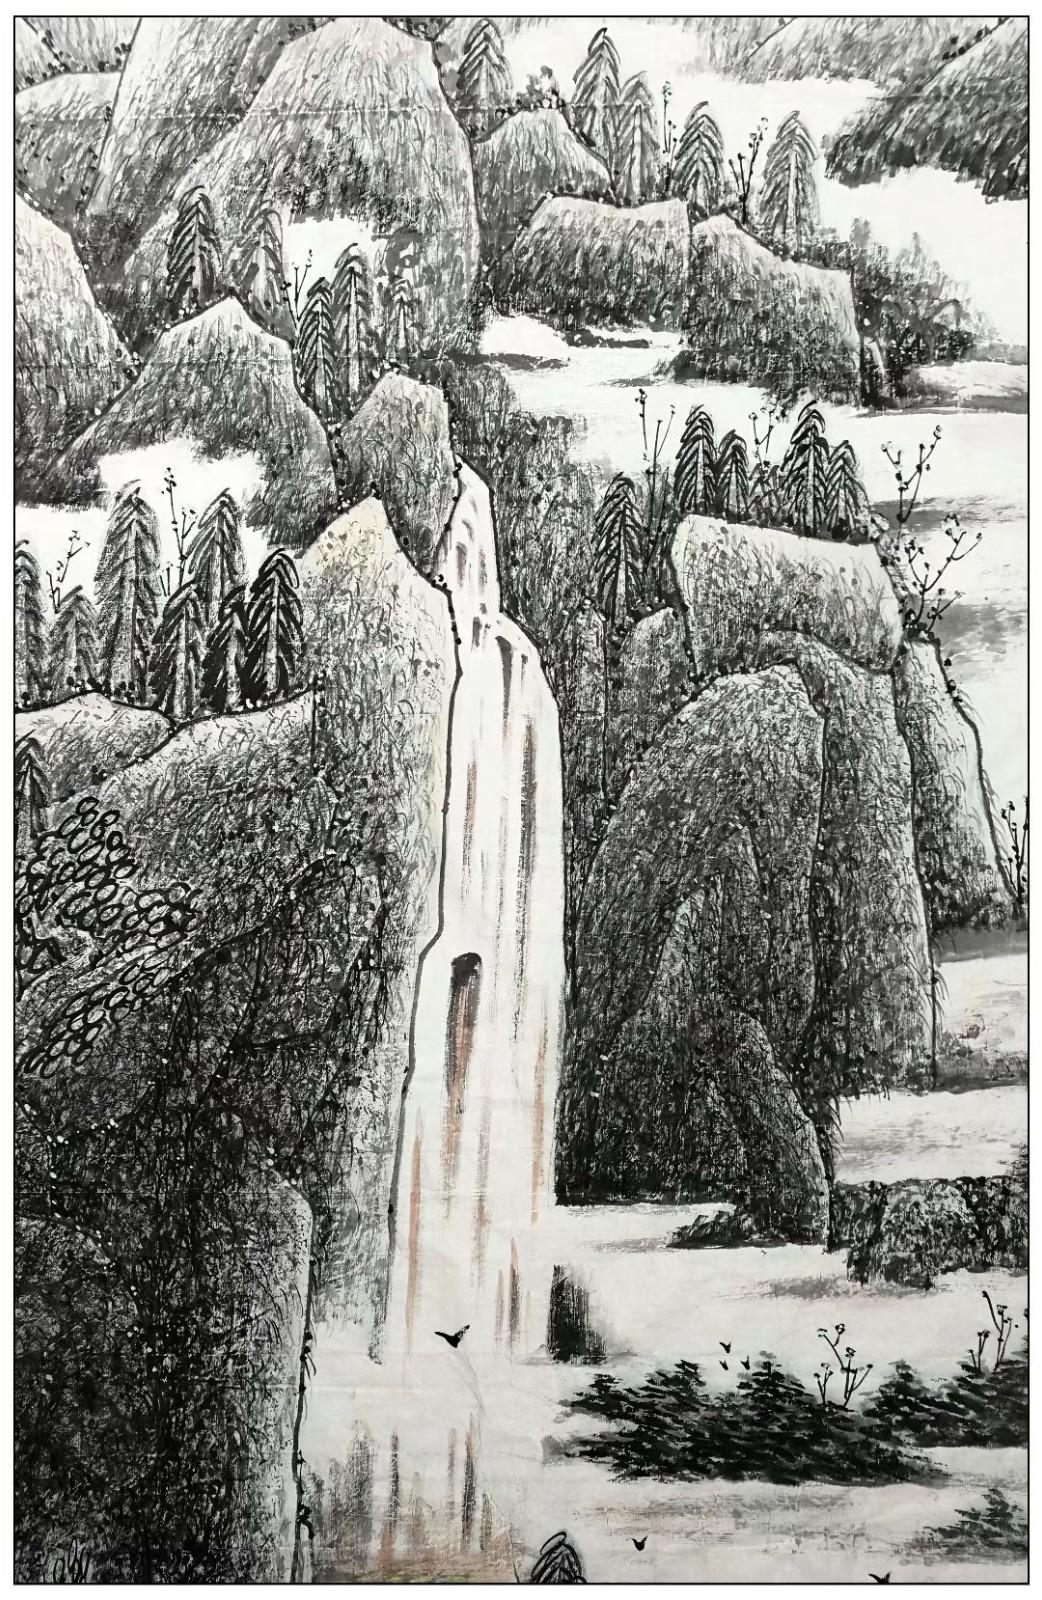 庆祝中国共产党成立100周年---牛志高山水画【220CMX150CM】2021.03.31 ..._图1-12